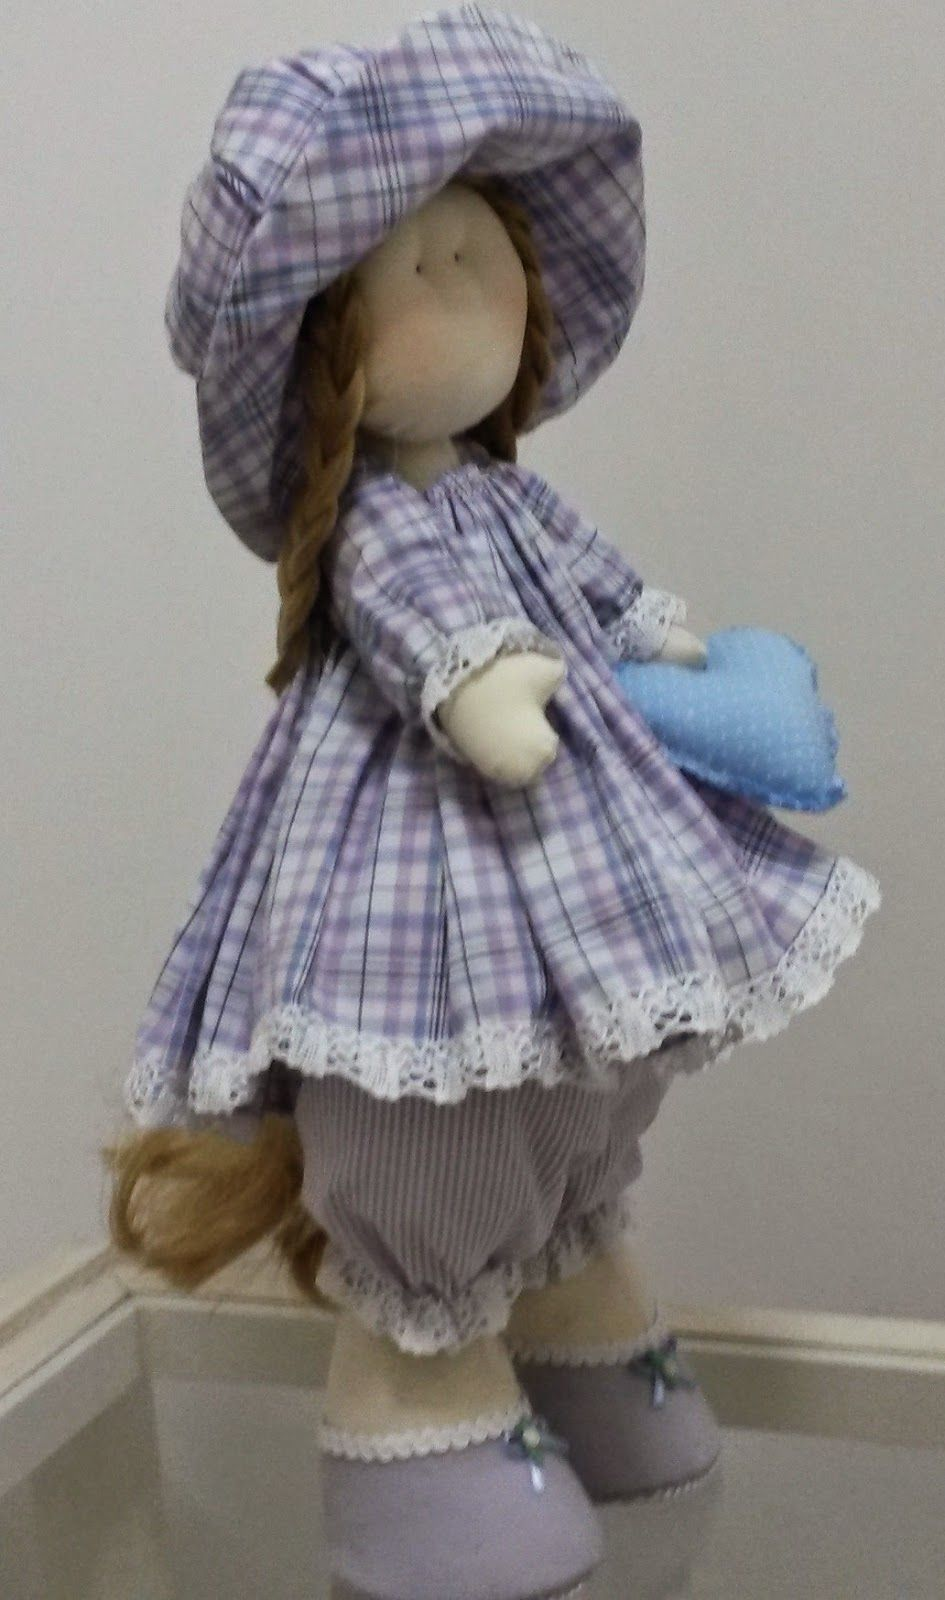 como fazer boina de boneca russa - Pesquisa Google Mais 01f47ded903